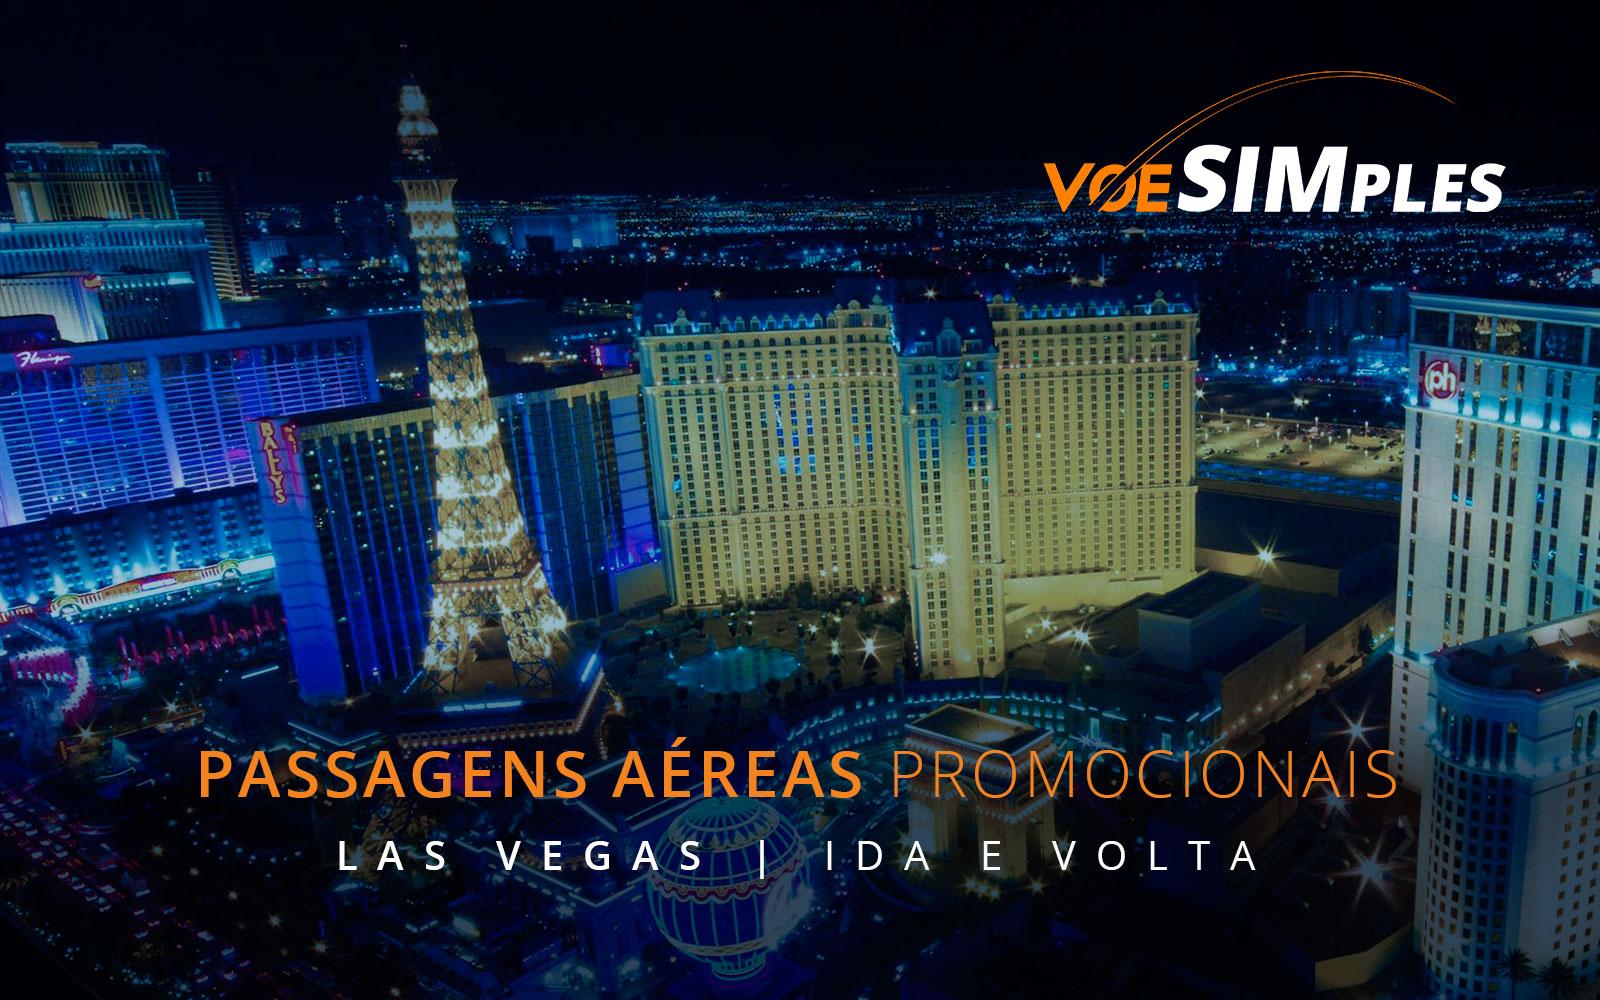 Passagens aéreas promocionais para Las Vegas nos Estados Unidos